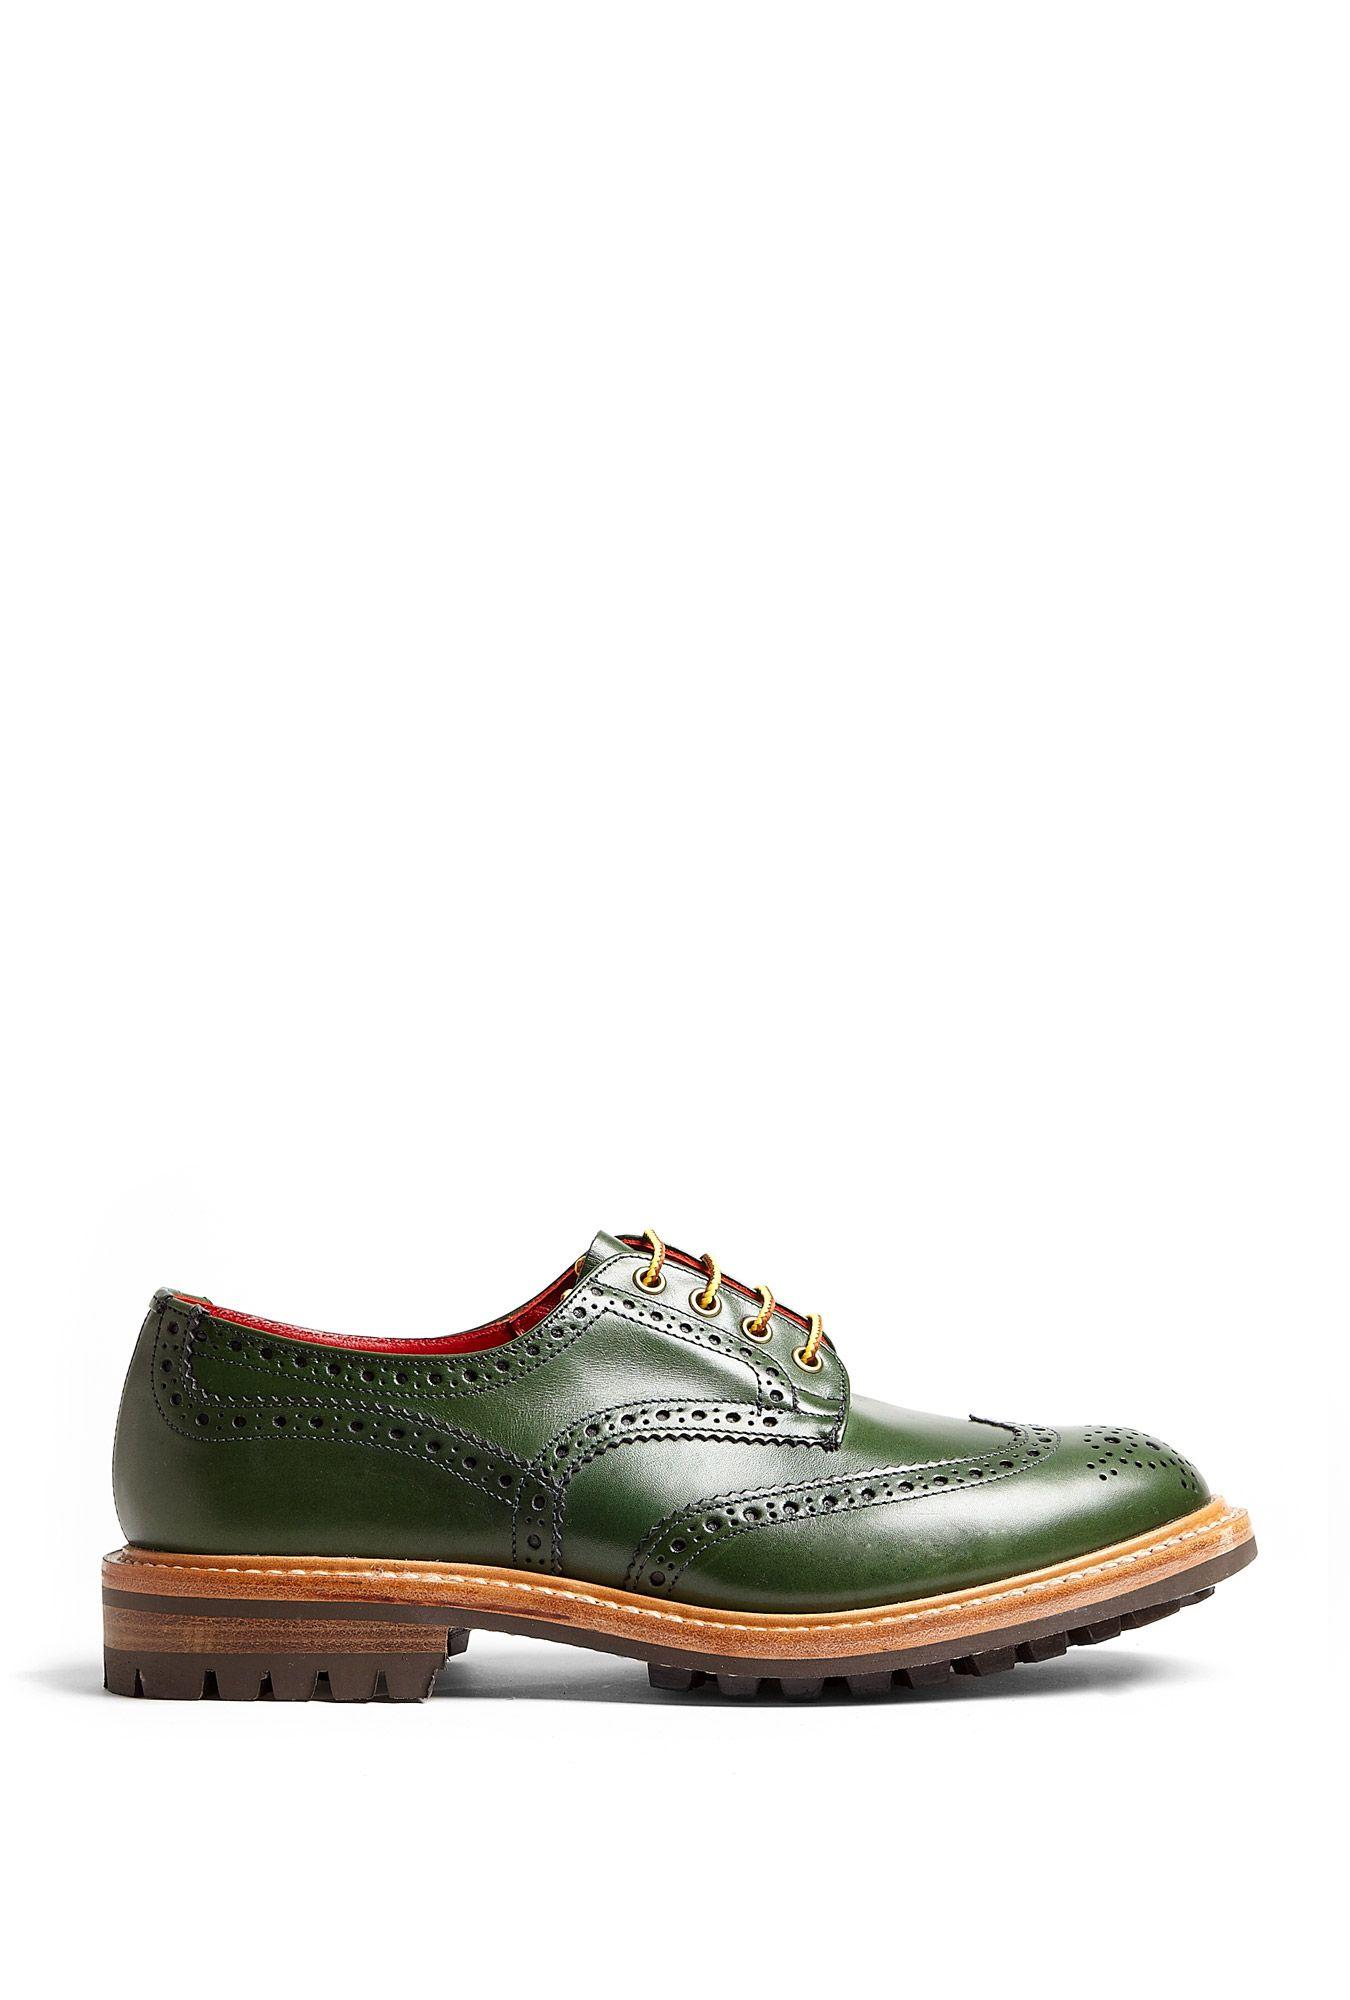 Sock shoes, Dress shoes men, Shoes mens